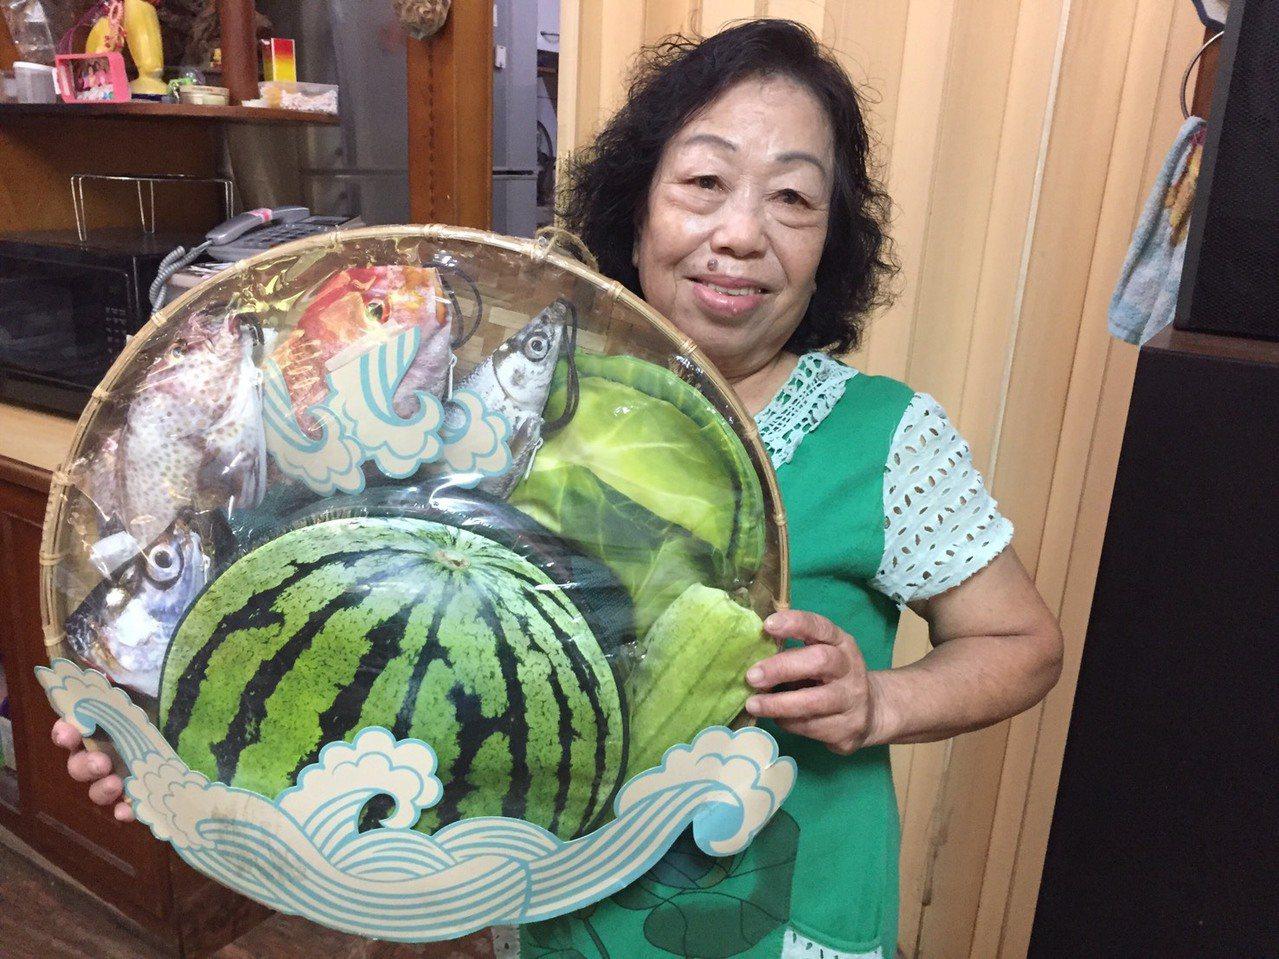 住在喜樹的寶珠阿嬤多年前在樂齡中心學習製作手工包,做成虱目魚、絲瓜等造型,後來因...